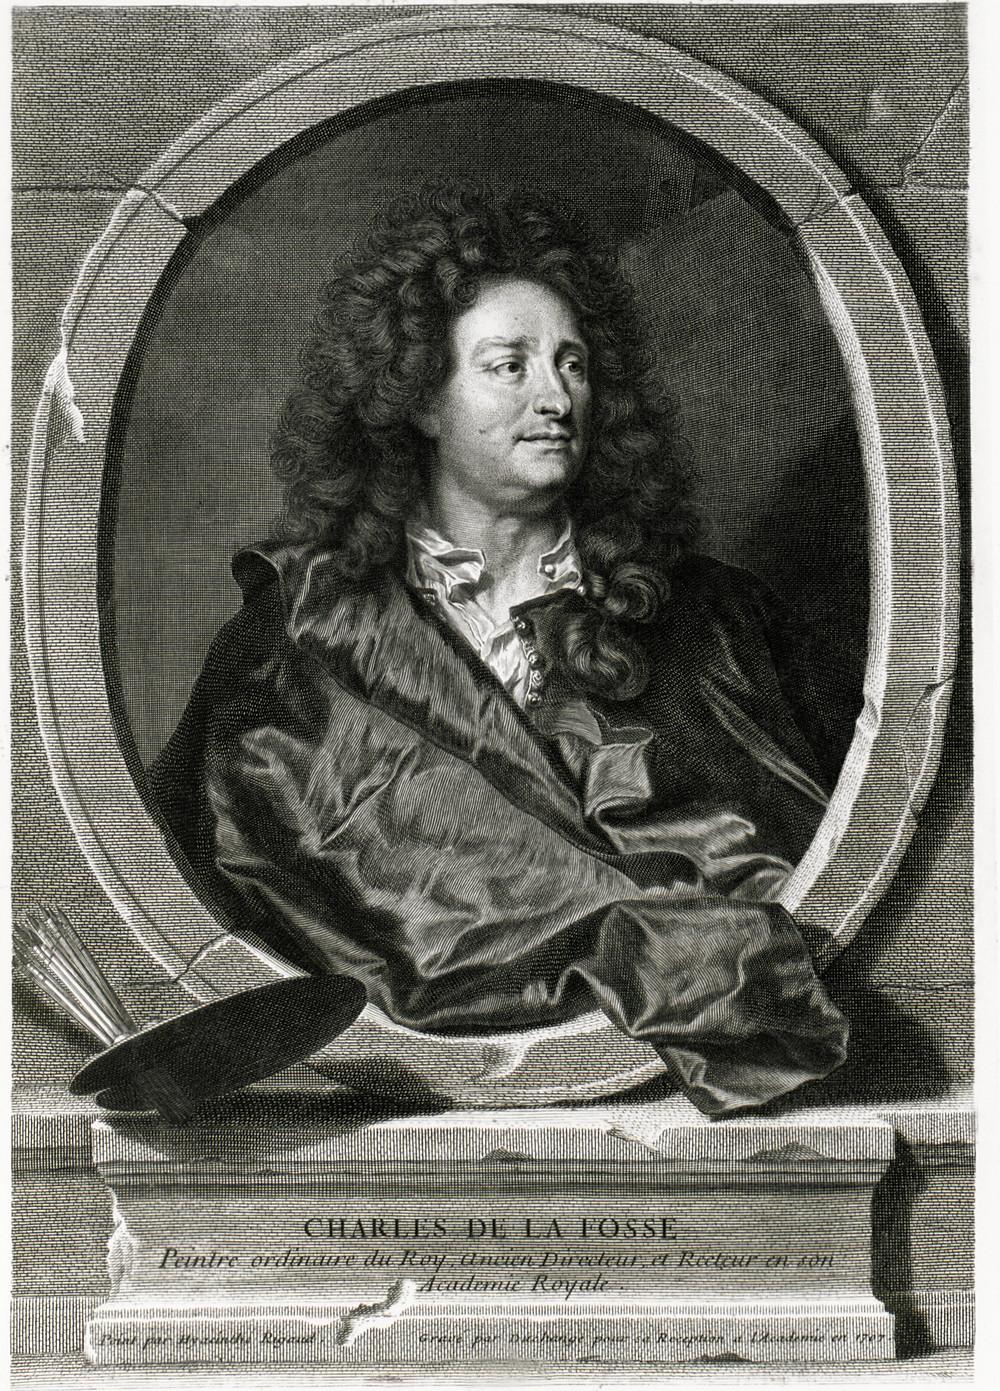 Gaspard Duchange d'après Hyacinthe Rigaud, Portrait de Charles de La Fosse, 1707, Paris, BnF